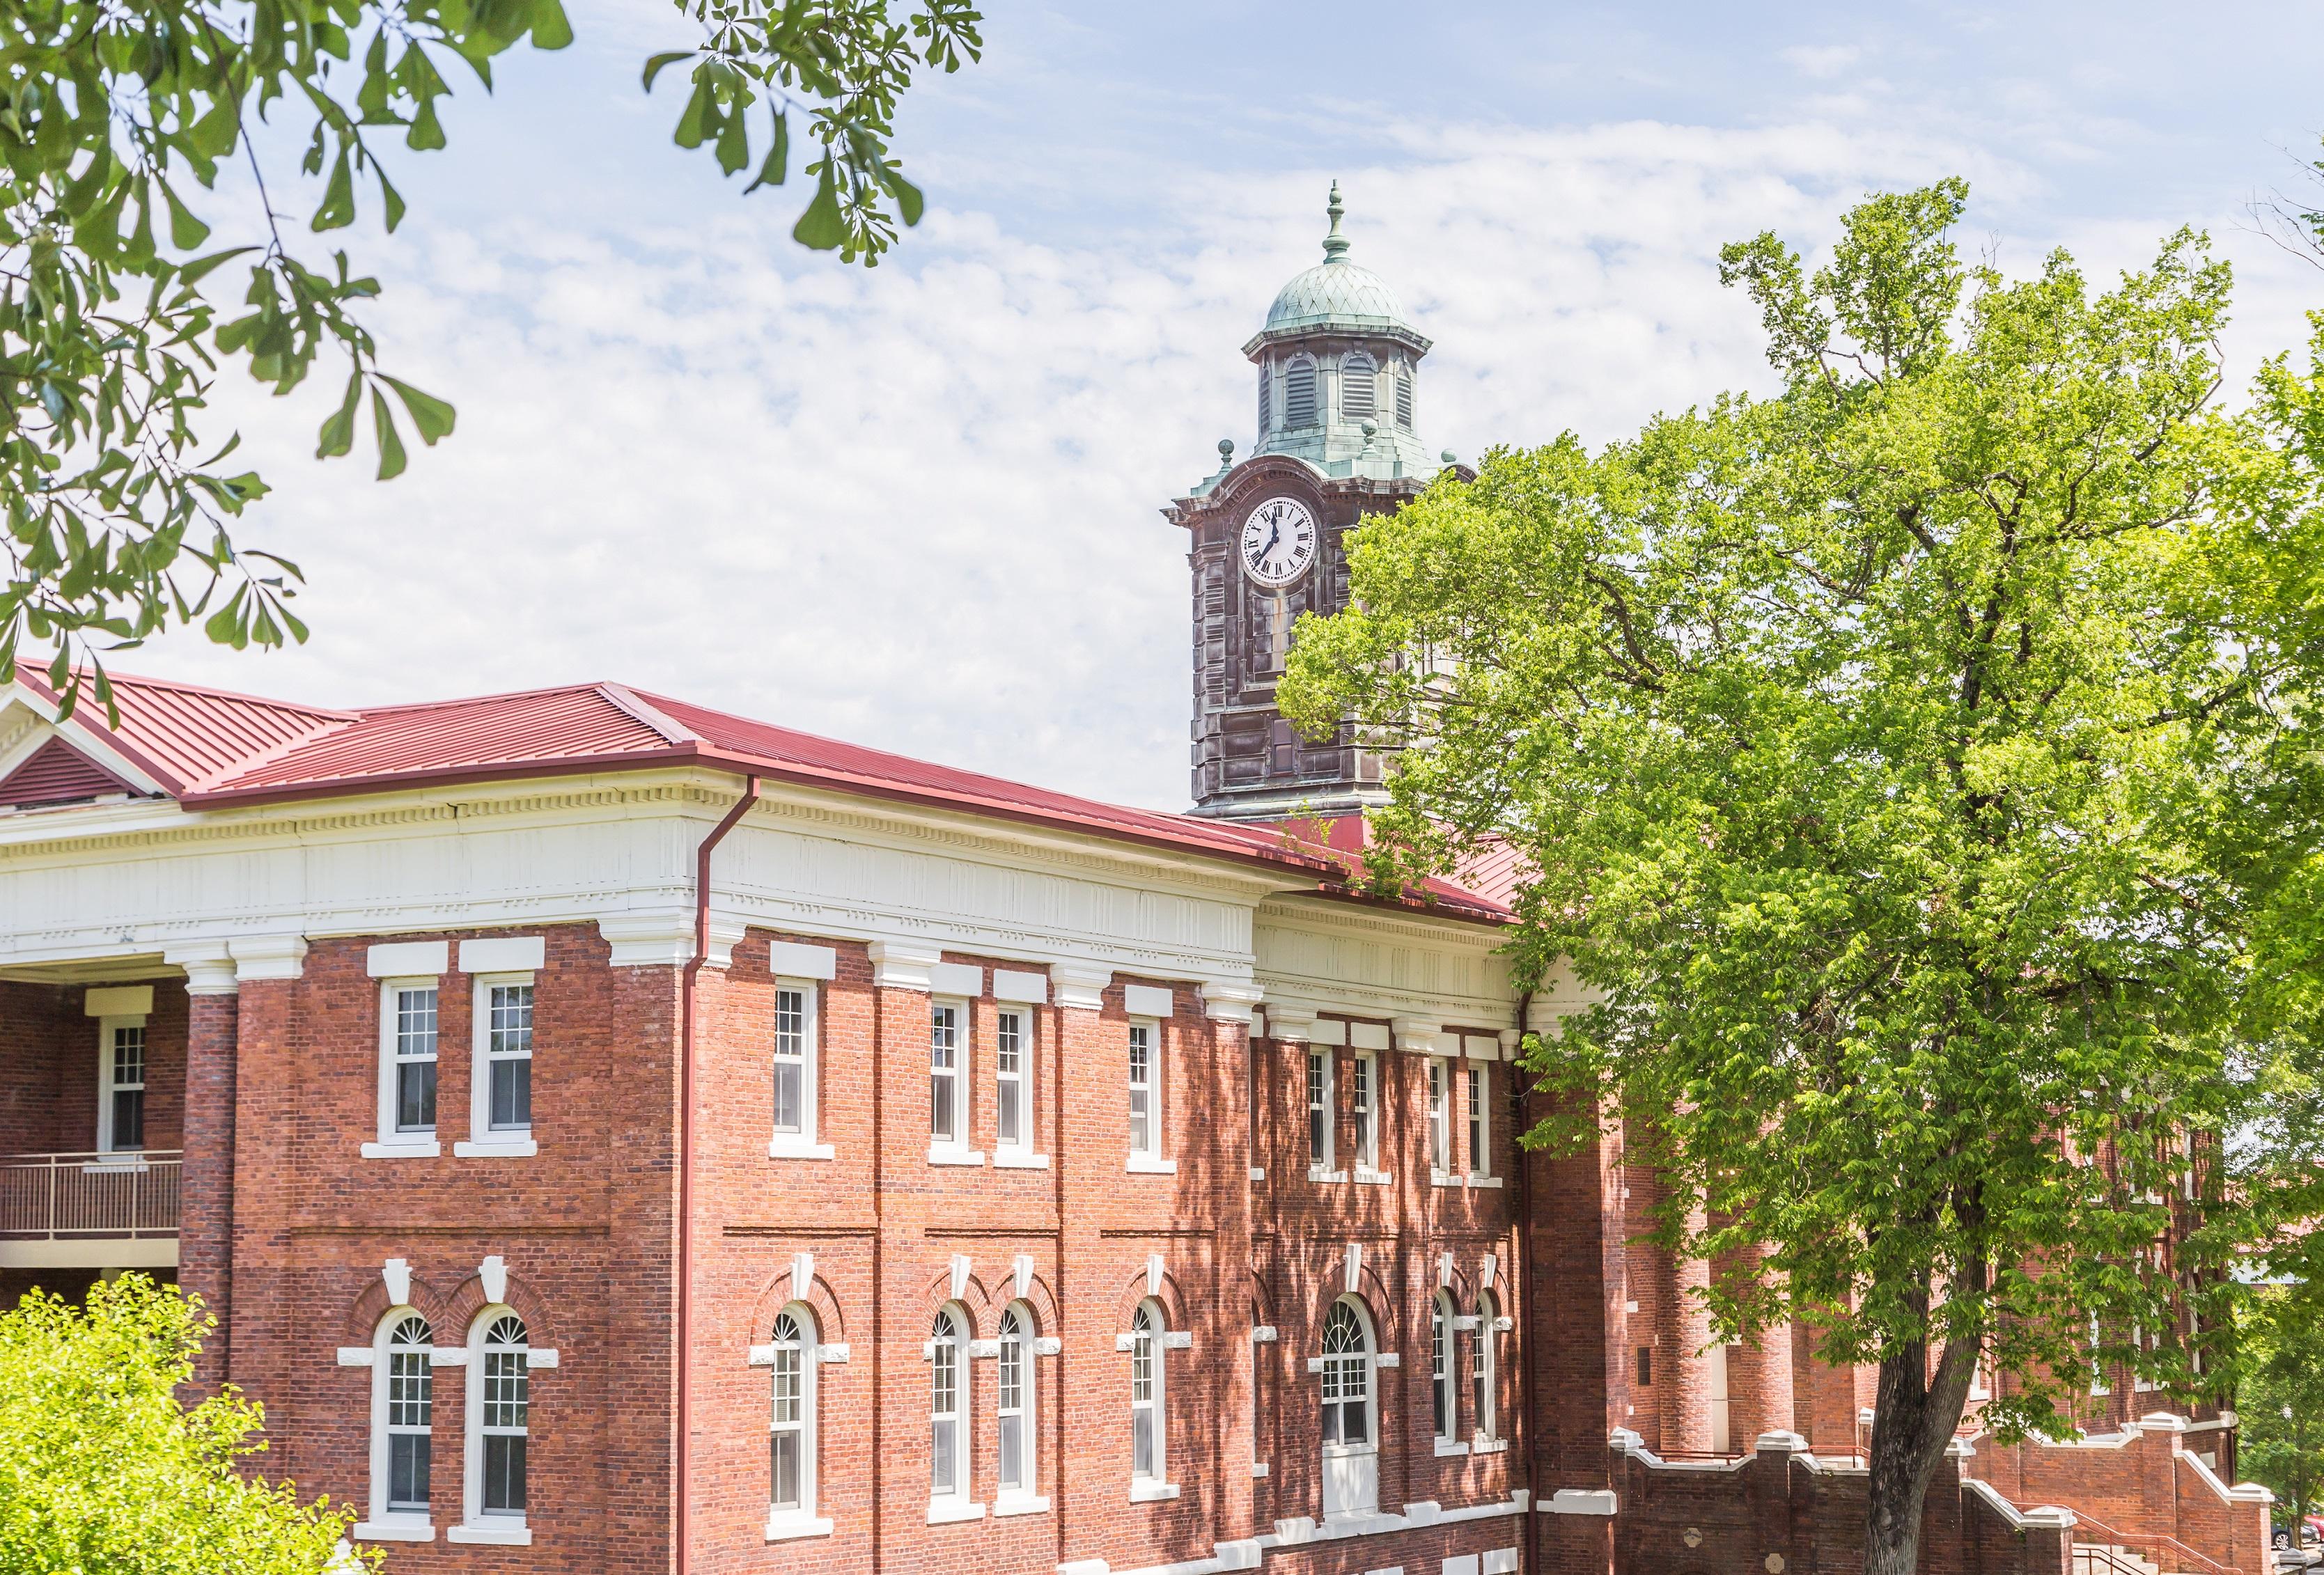 www.brookings.edu: Underfunding HBCUs leads to an underrepresentation of Black faculty